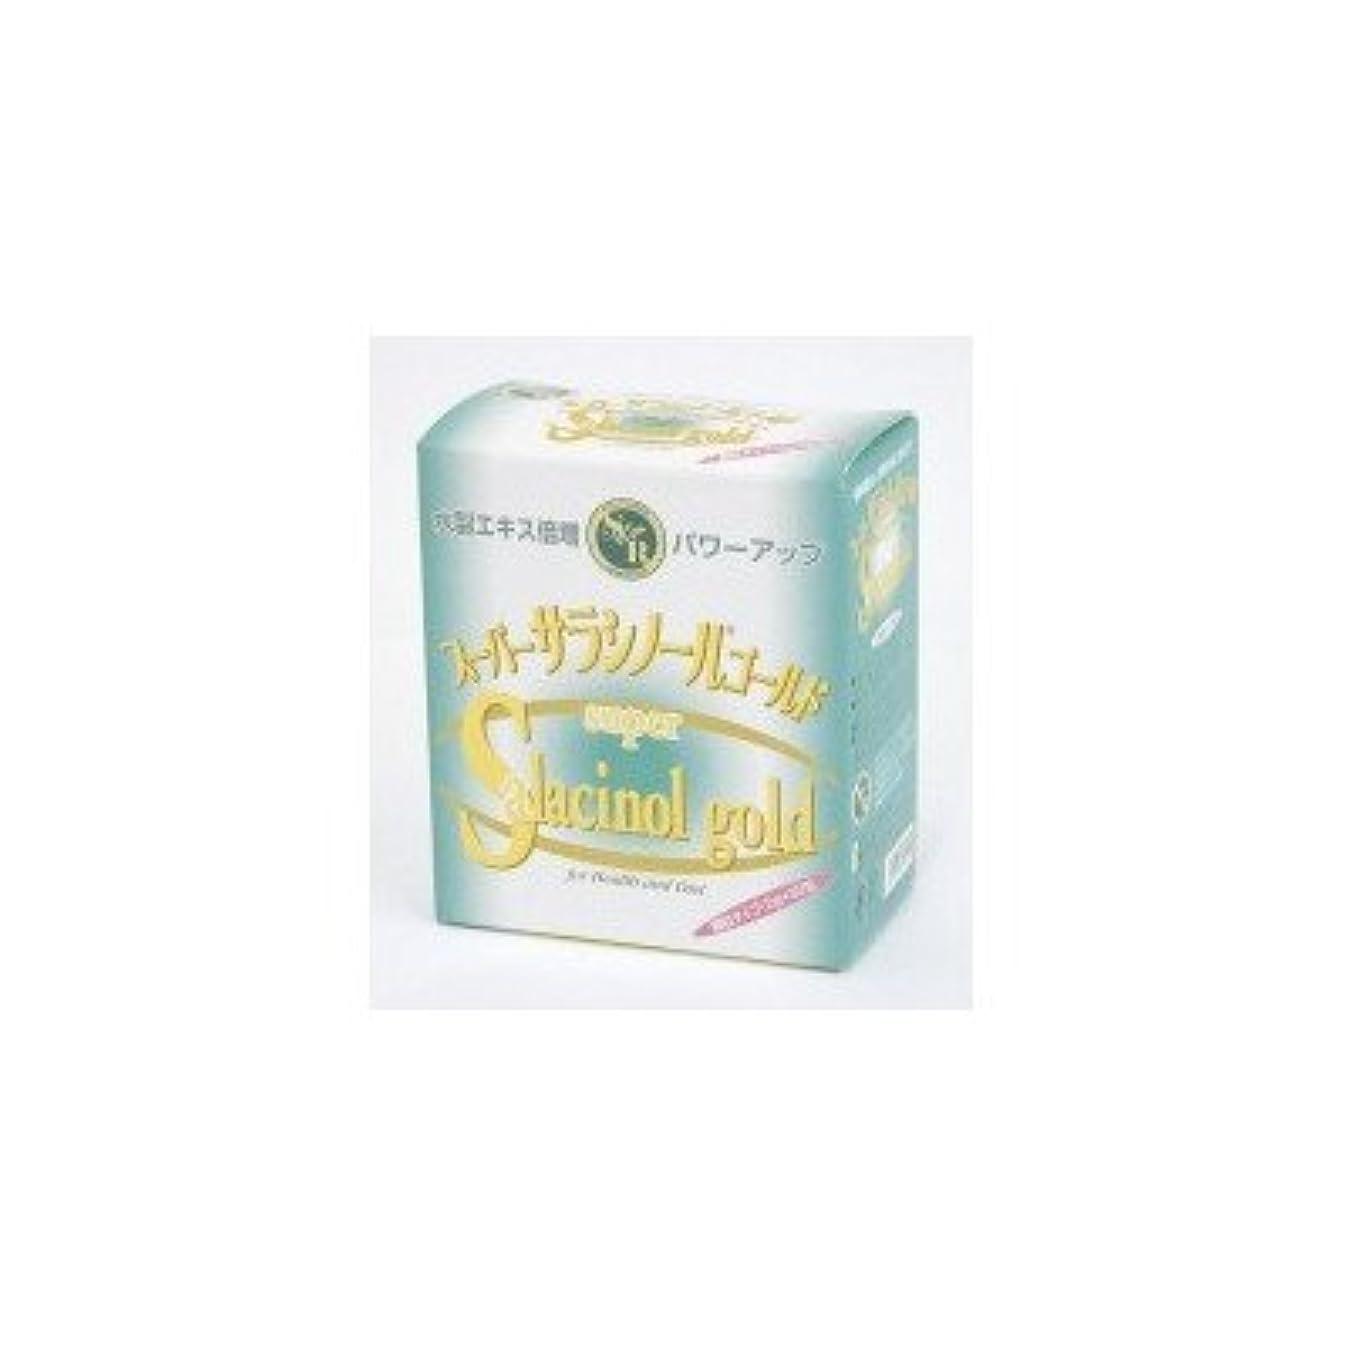 抵抗力があるプラスチック知覚するジャパンヘルス スーパーサラシノールゴールド 2g×30包